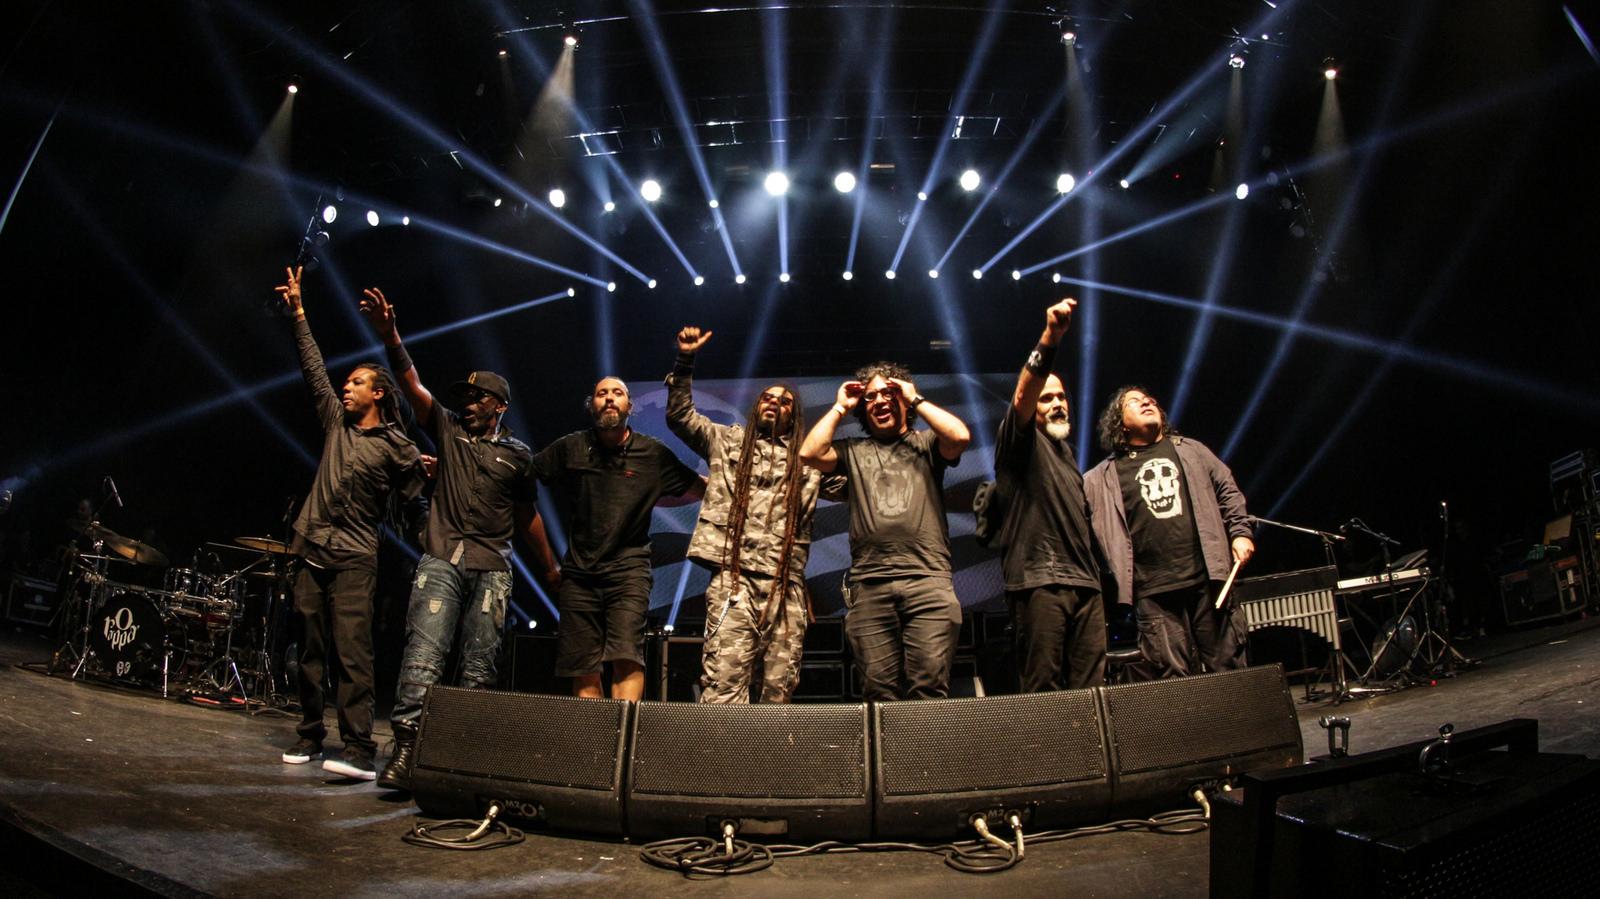 Show de despedida da banda O Rappa está esgotado no Rio